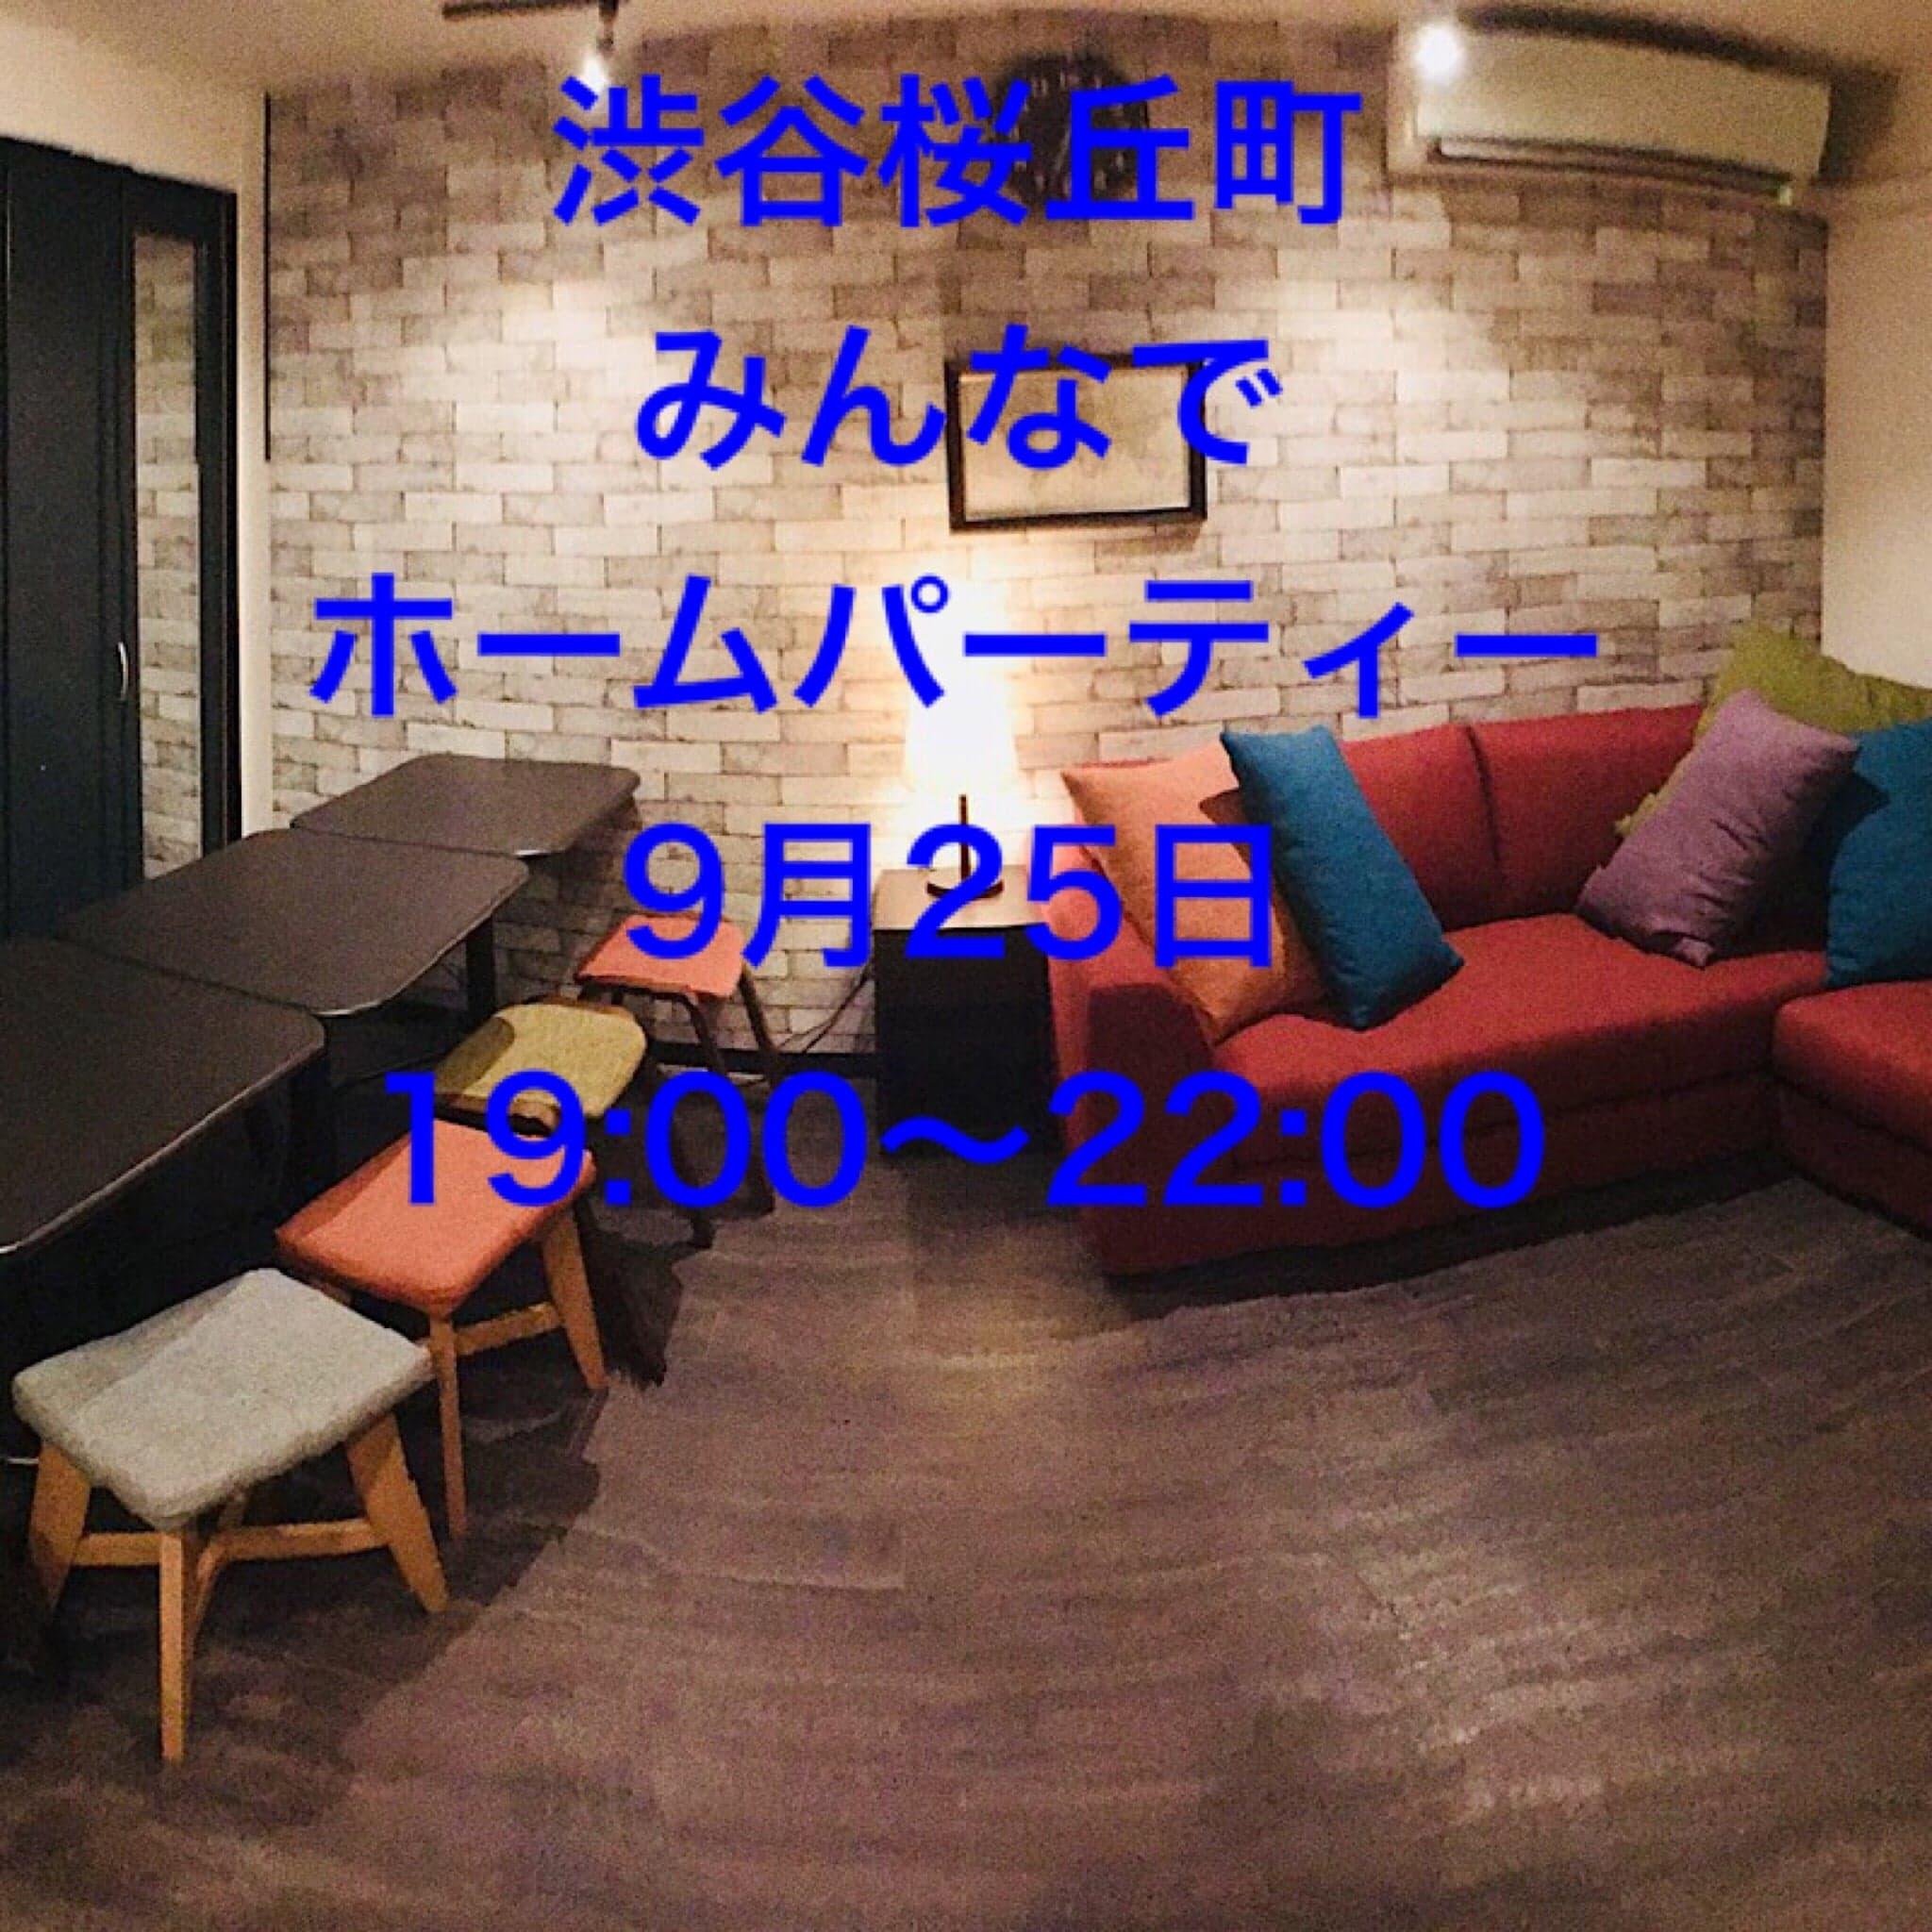 男女 渋谷でホームパーティー19:00〜22:00のイメージその1